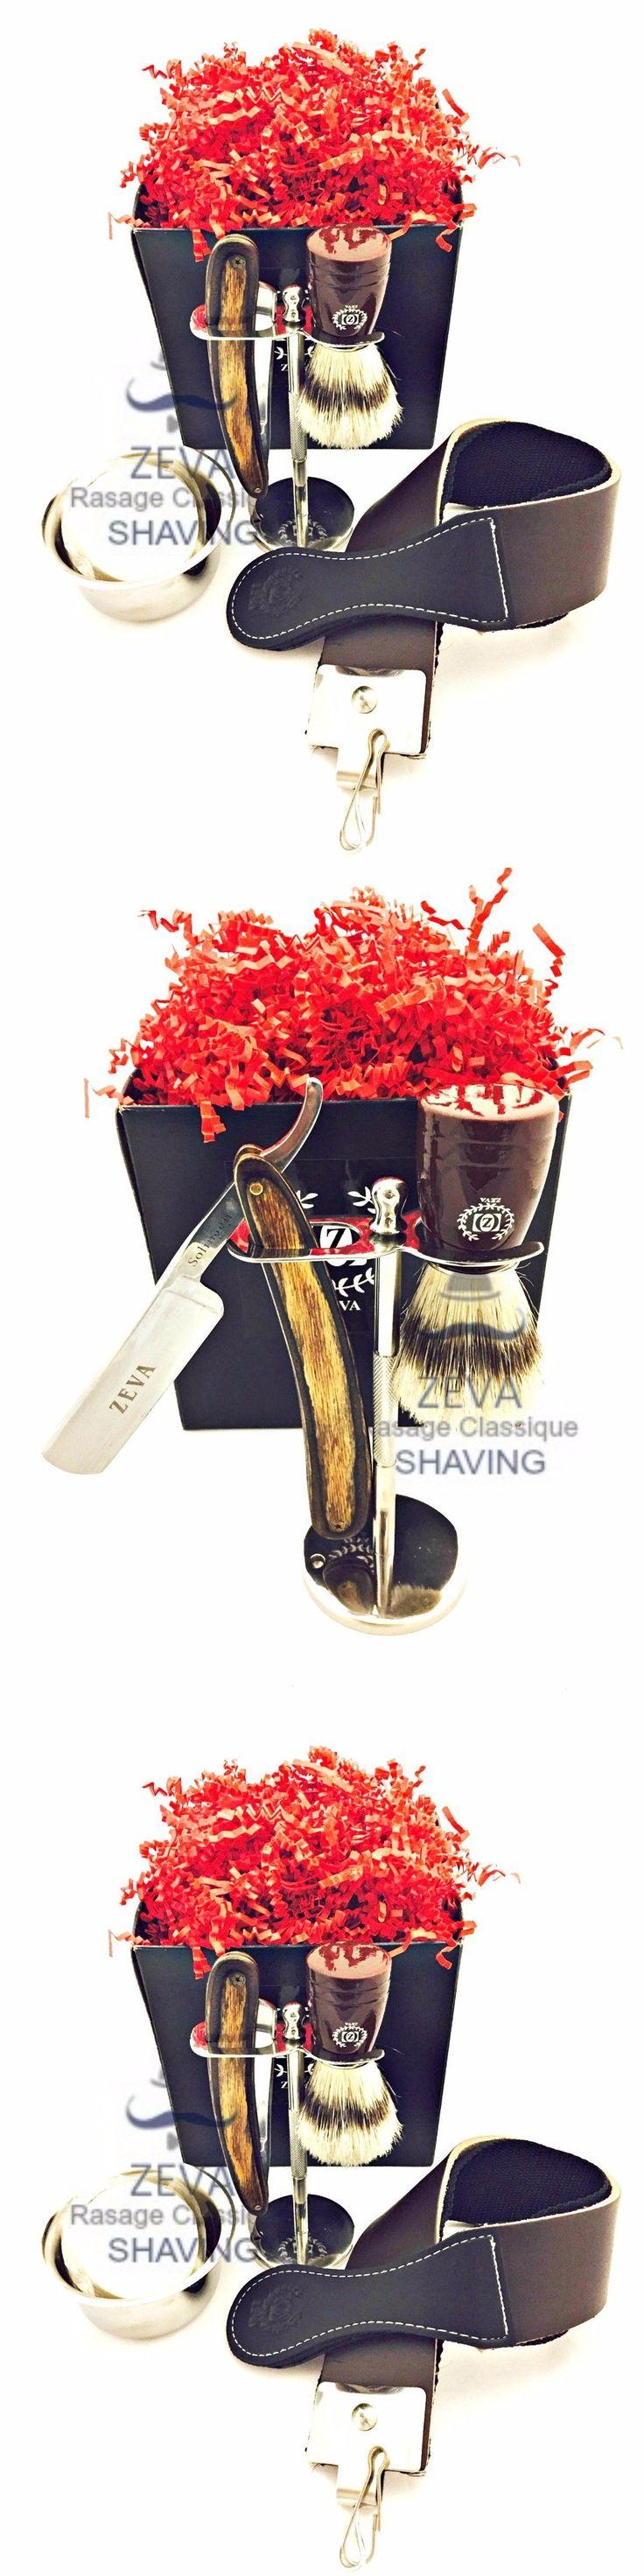 Straight Razors: Best Straight Razor Shavette Shaver Men Travel Shave Kit Classic Rasoir Brush BUY IT NOW ONLY: $71.24